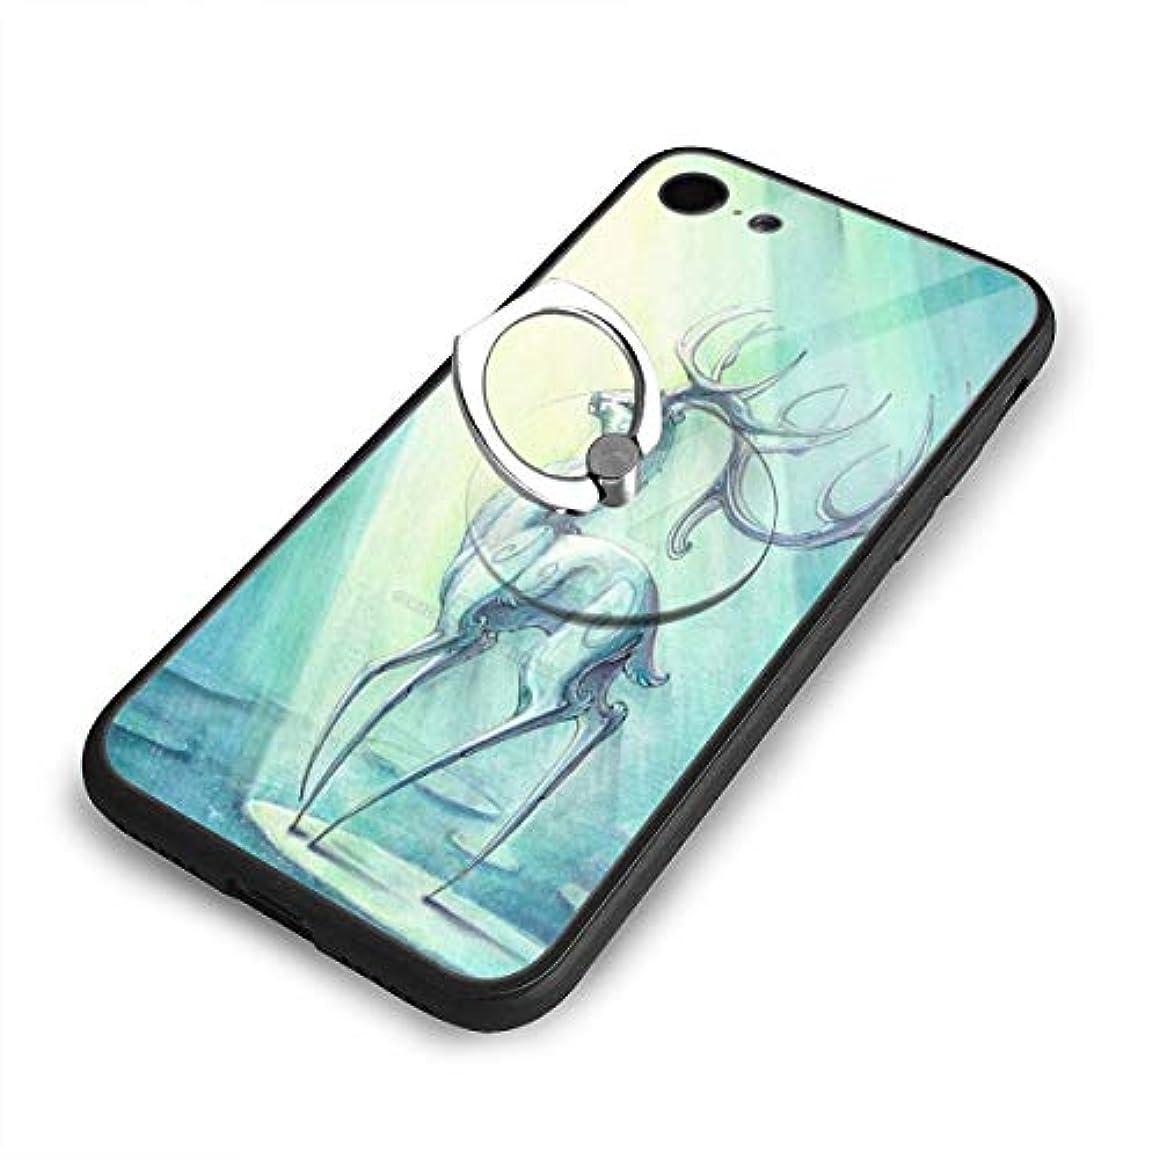 敵対的不要活力Mysterious Christmas Reindeer Iphone 7/8 Tpuガラス電話ケース +丸型ブラケット落下防止 傷なし